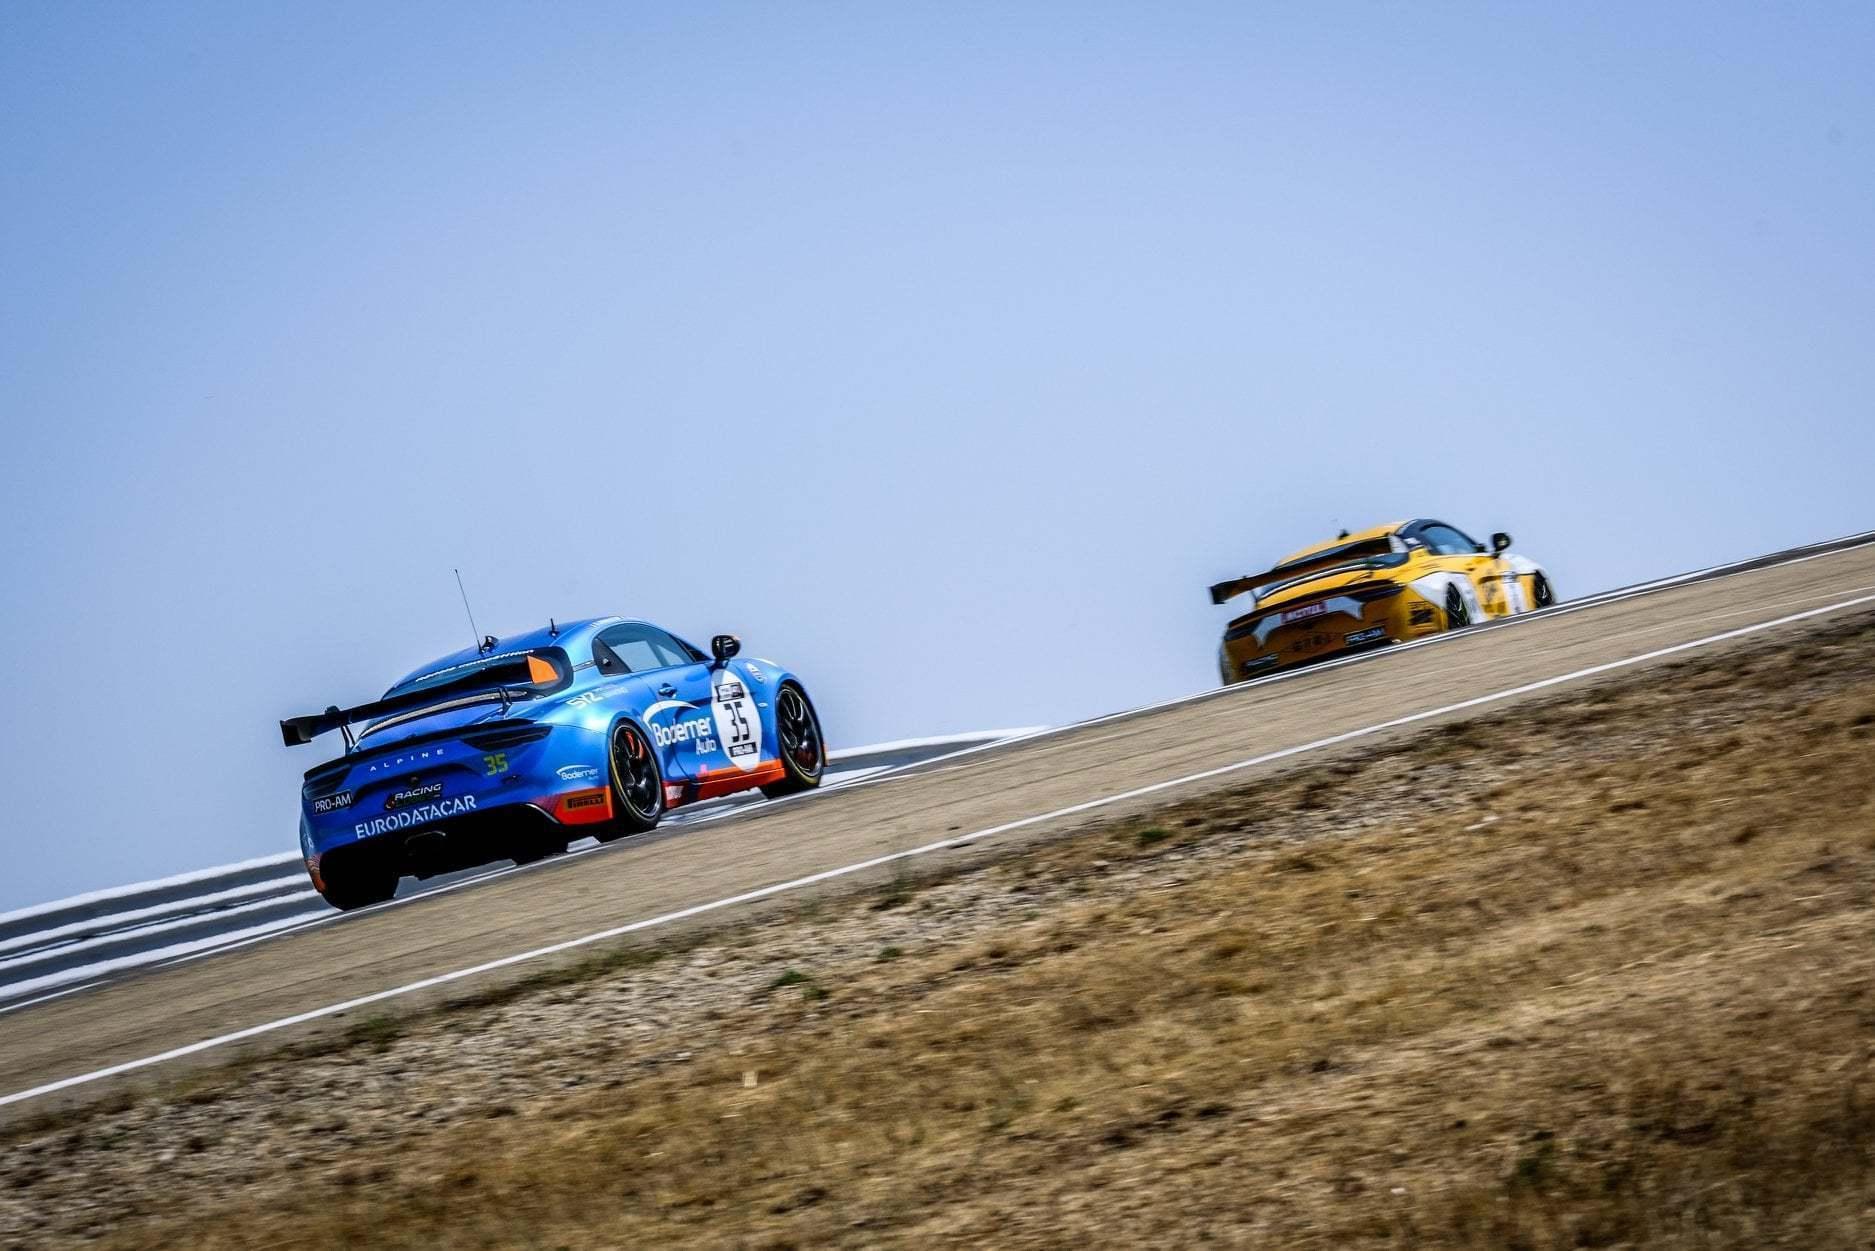 FFSA GT4 Circuit Lédenon Course 1 2019 Bodemer CMR Alpine A110 15 | FFSA GT: Rédélé Compétition s'impose à Lédenon ! (Course 1)